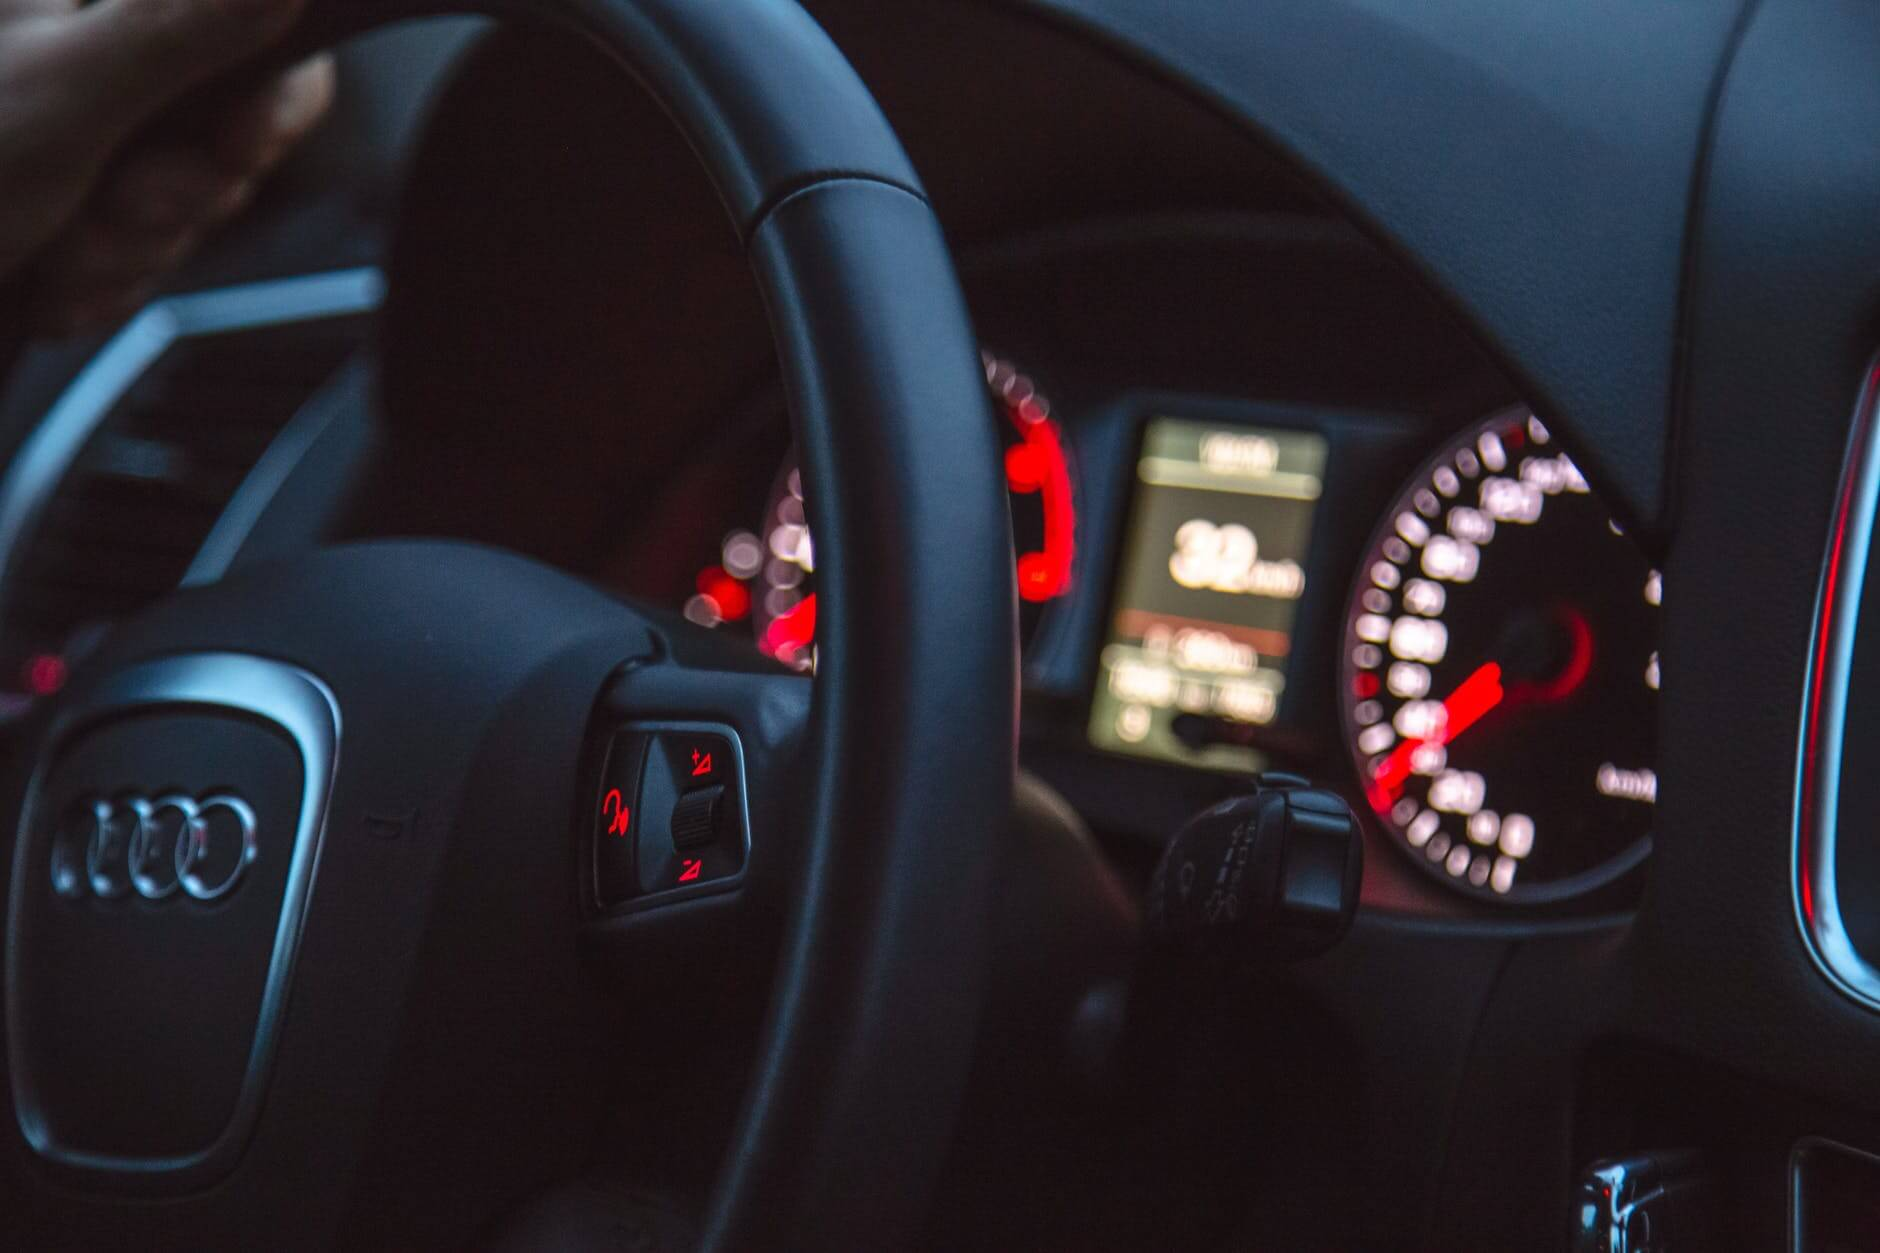 Blockchain Challenges US$30+ Billion Market of Automotive Frauds